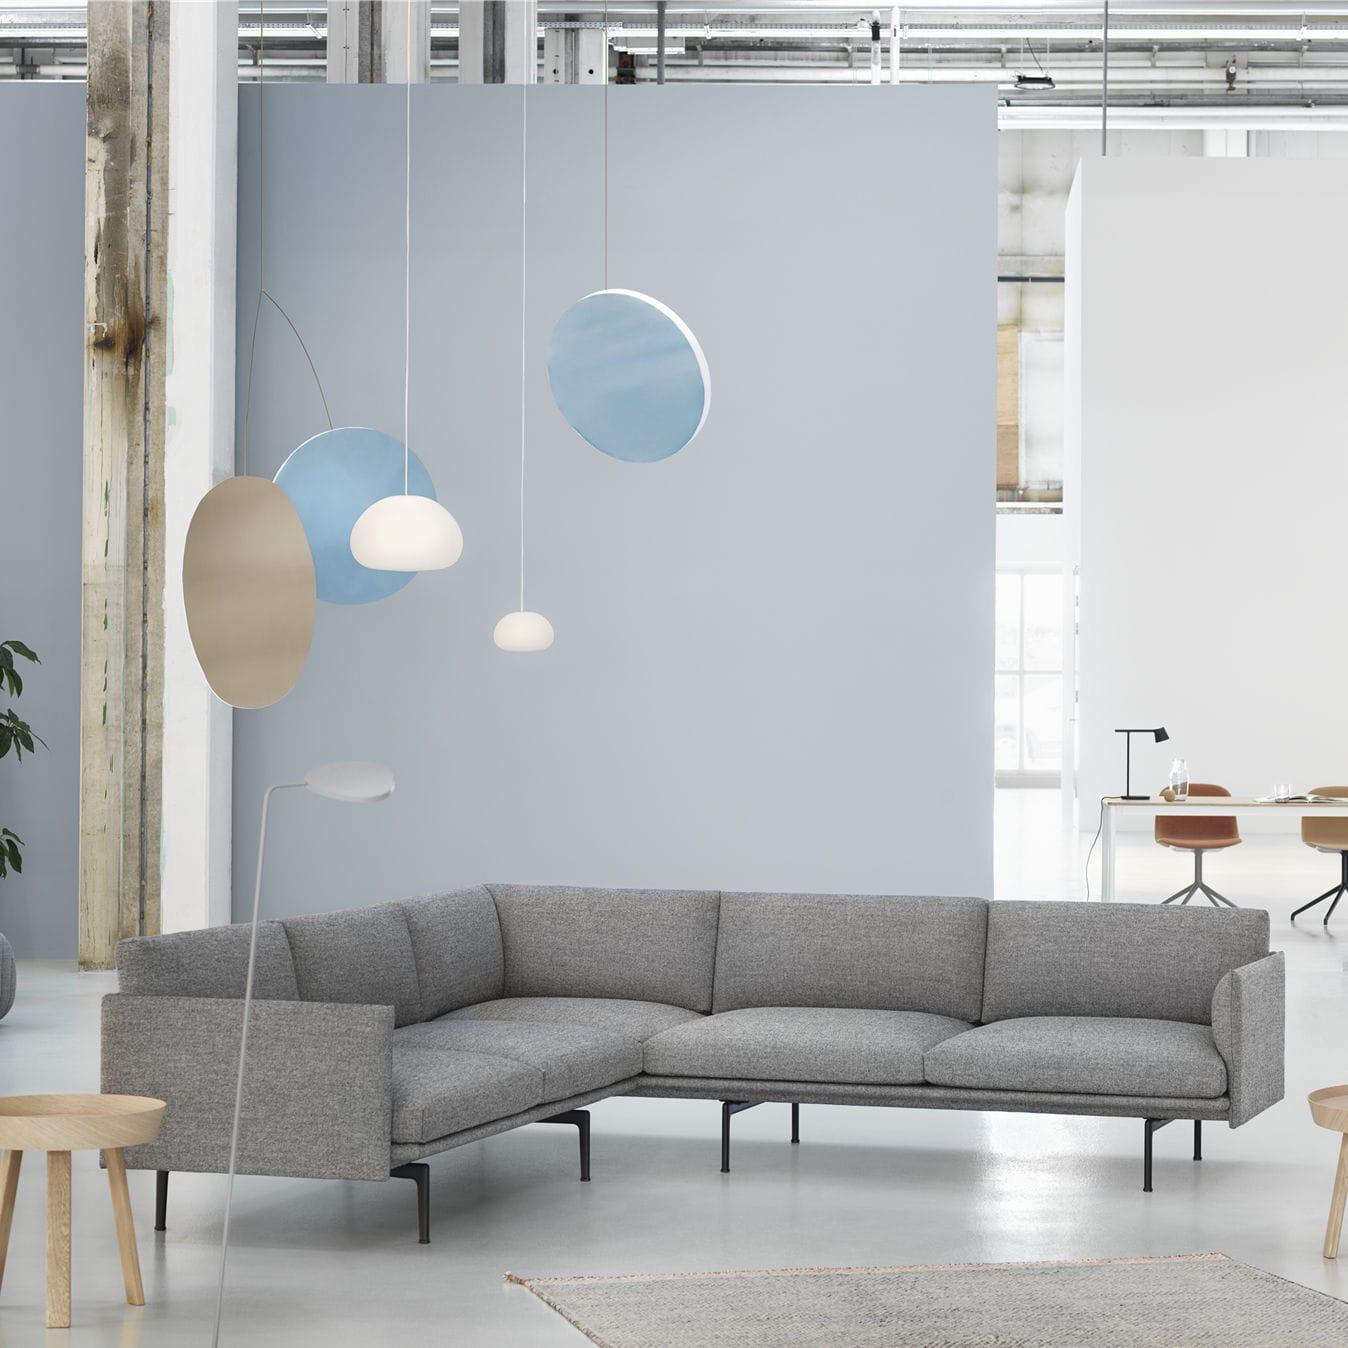 Corner sofa / Scandinavian design / fabric - OUTLINE by Anderssen ...